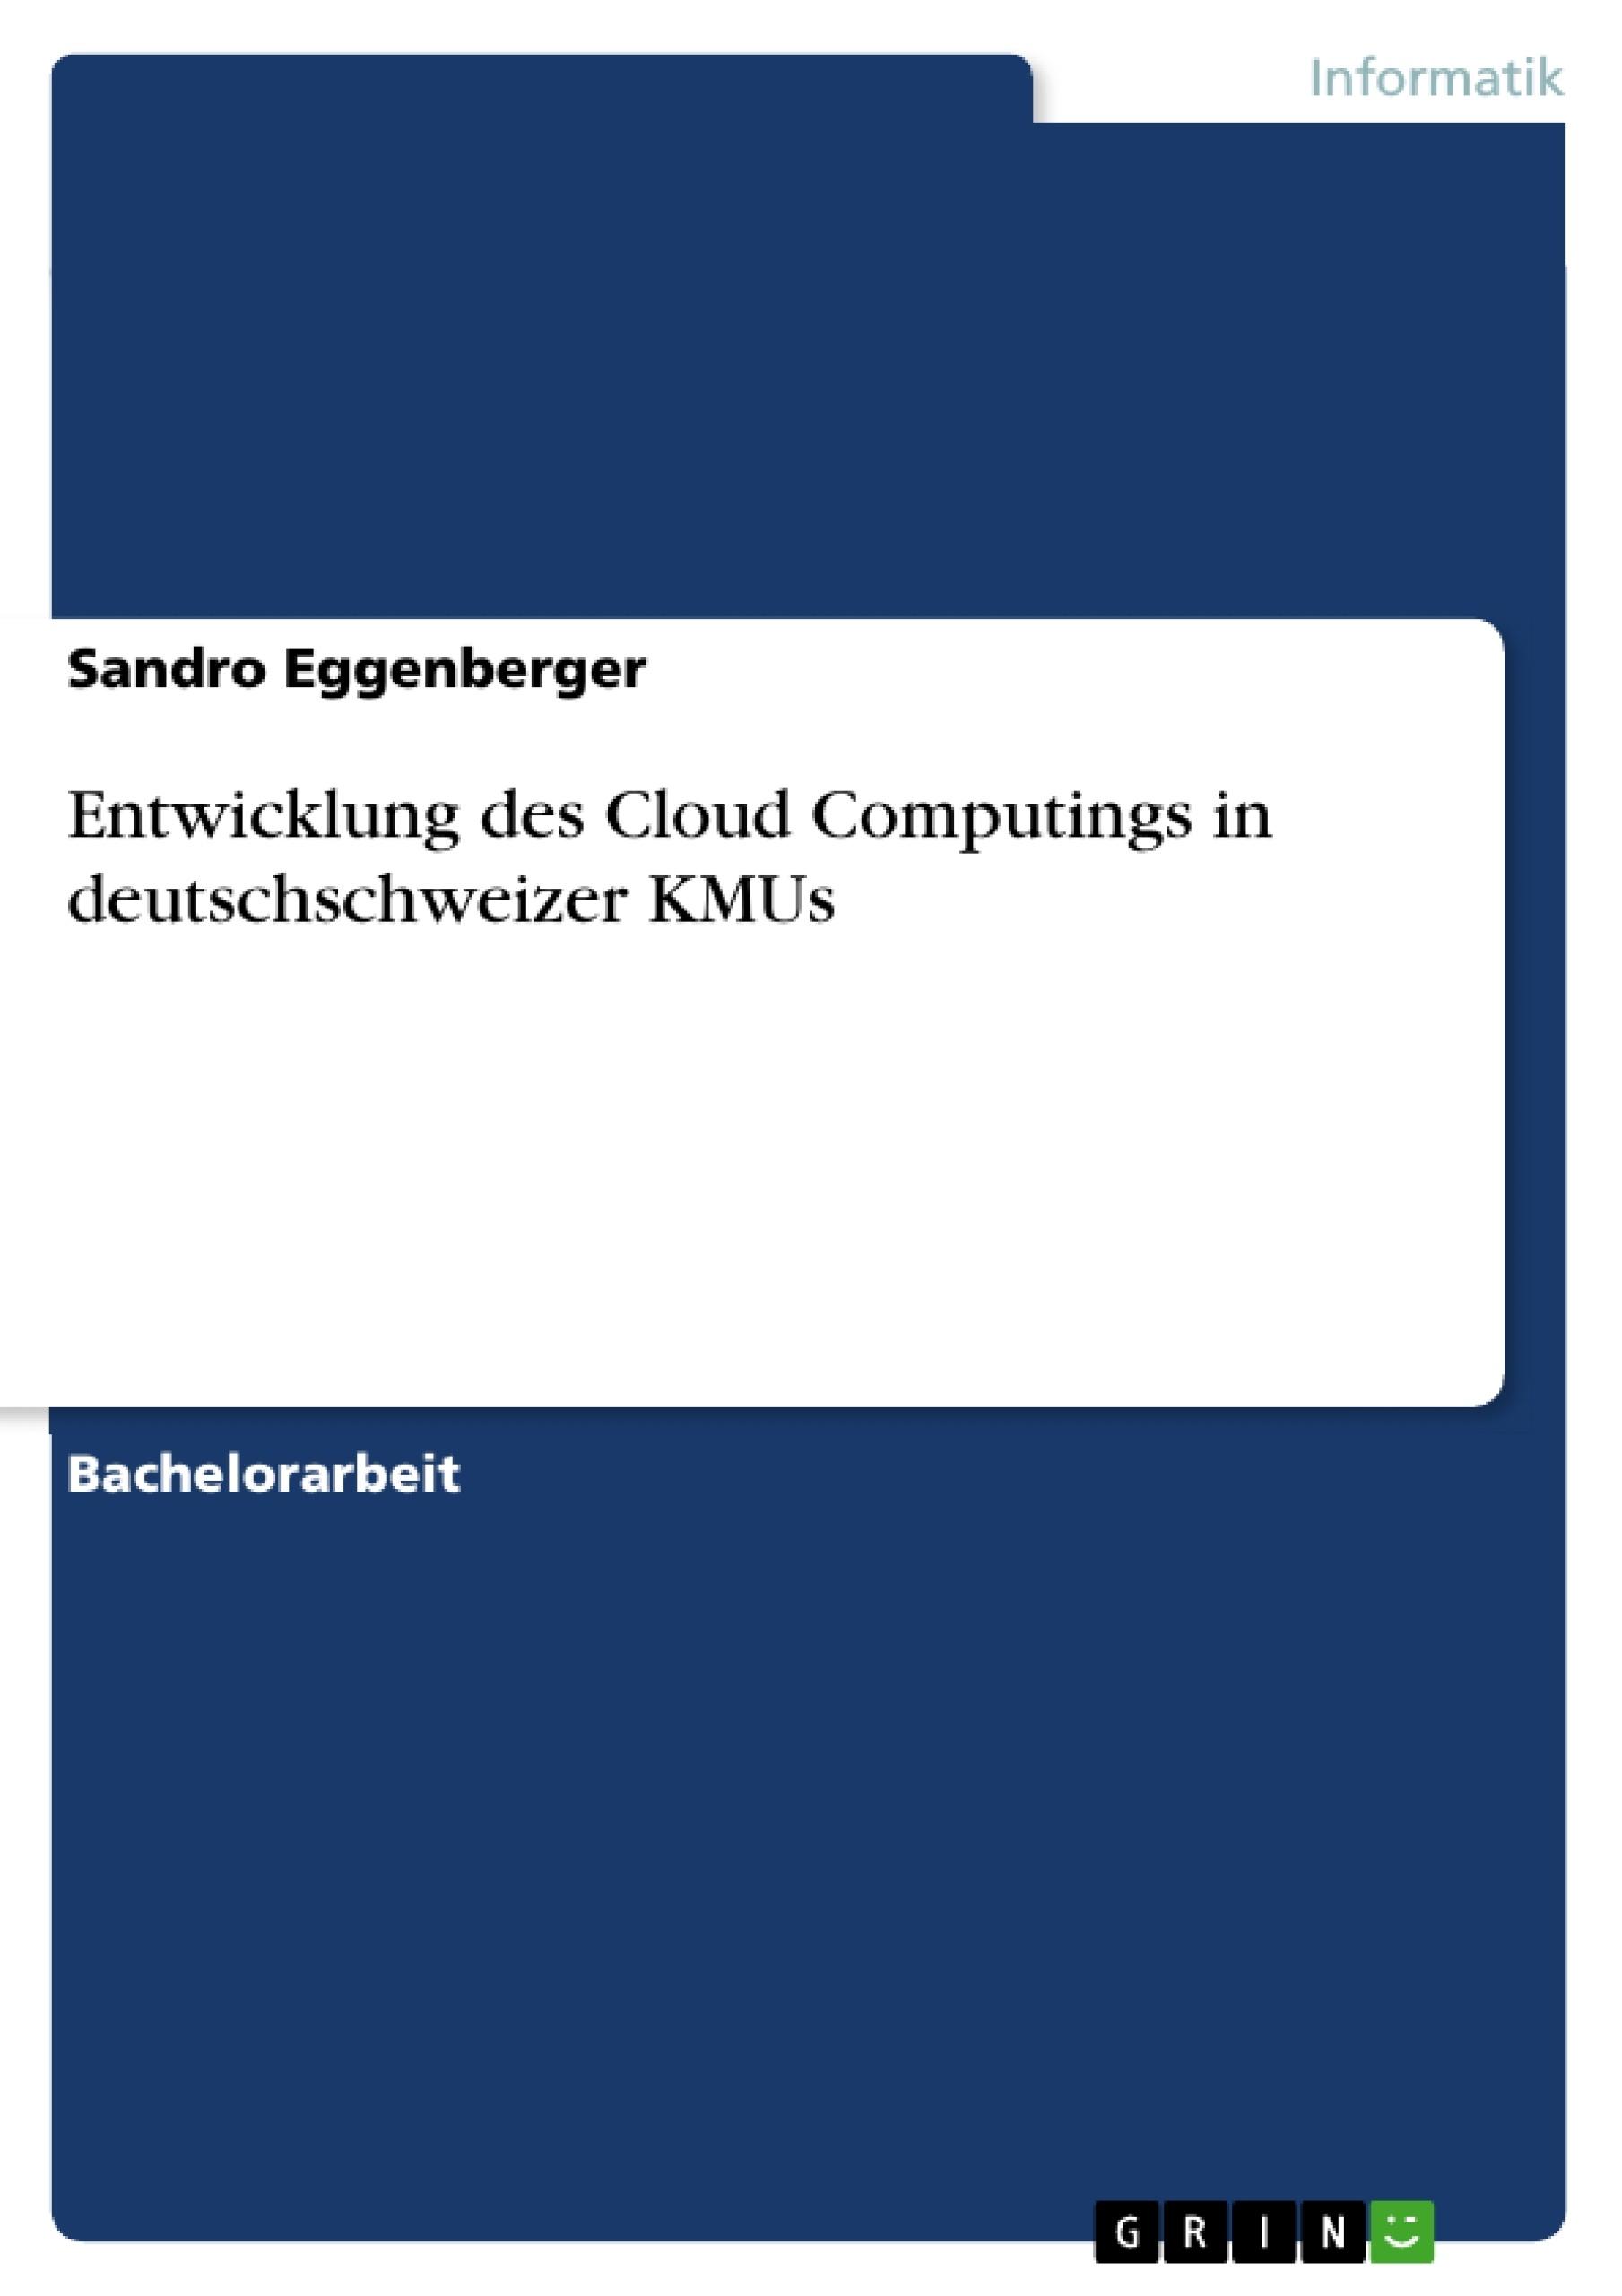 Titel: Entwicklung des Cloud Computings in deutschschweizer KMUs